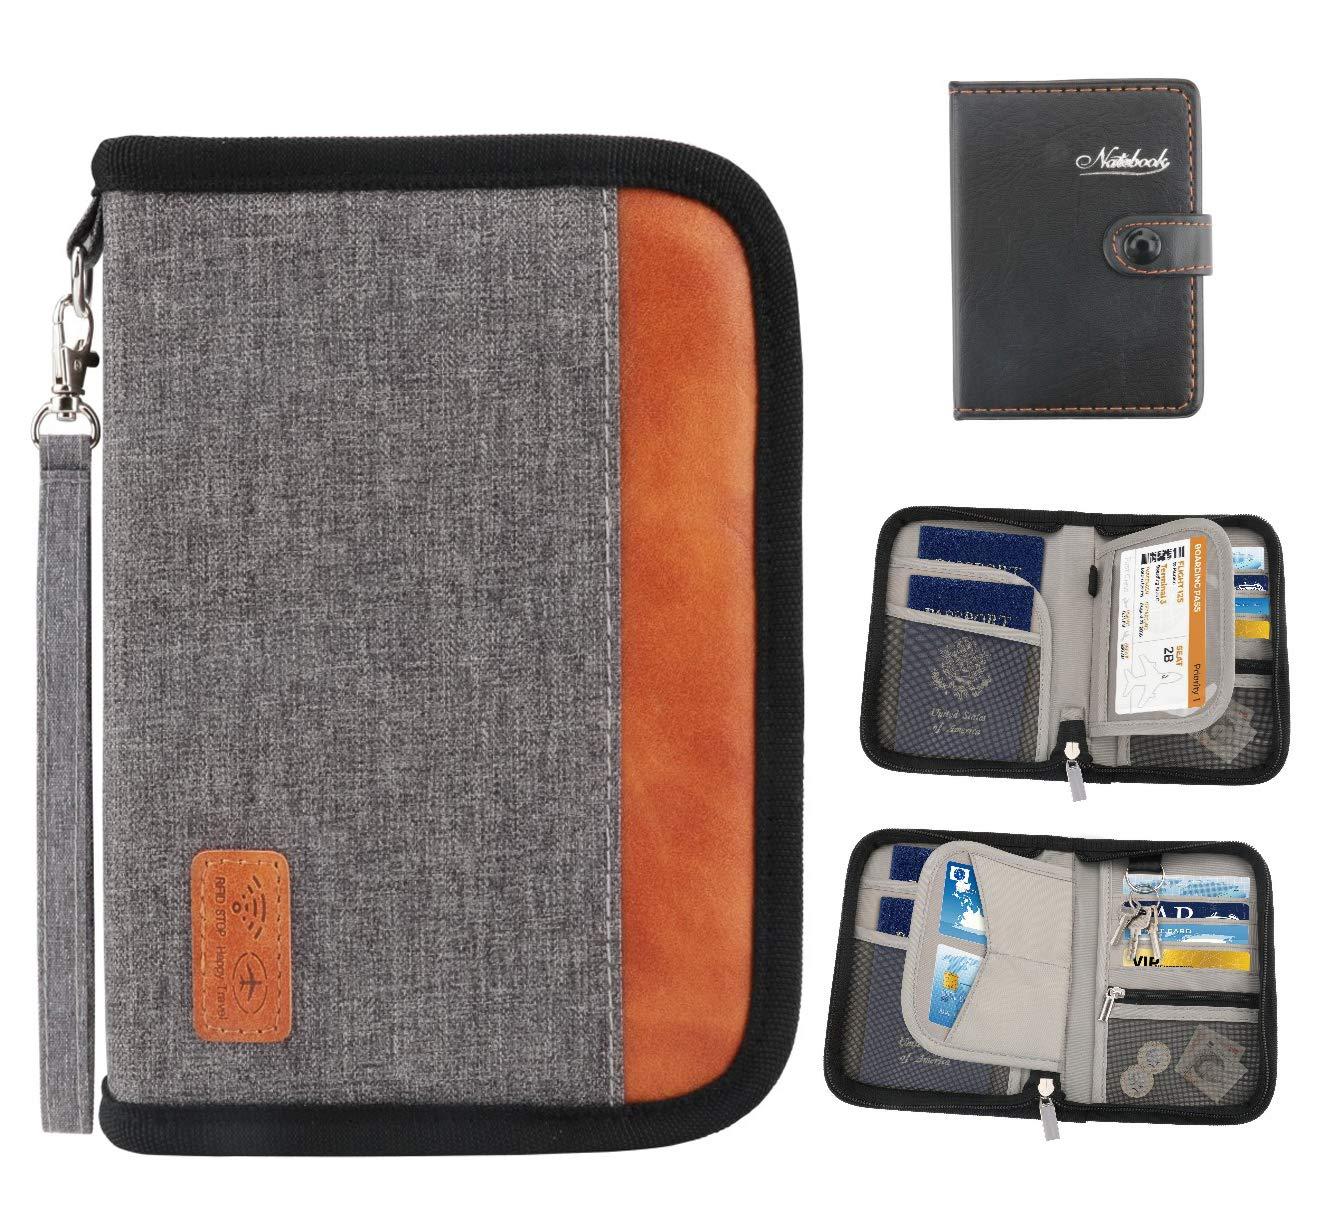 Idefair Portafoglio da viaggio Titolare del passaporto di famiglia, Blocco RFID Custodia impermeabile per documenti per passaporti, carte di credito, biglietti aerei (grigio, 5.1 * 7.1 * 1.5')